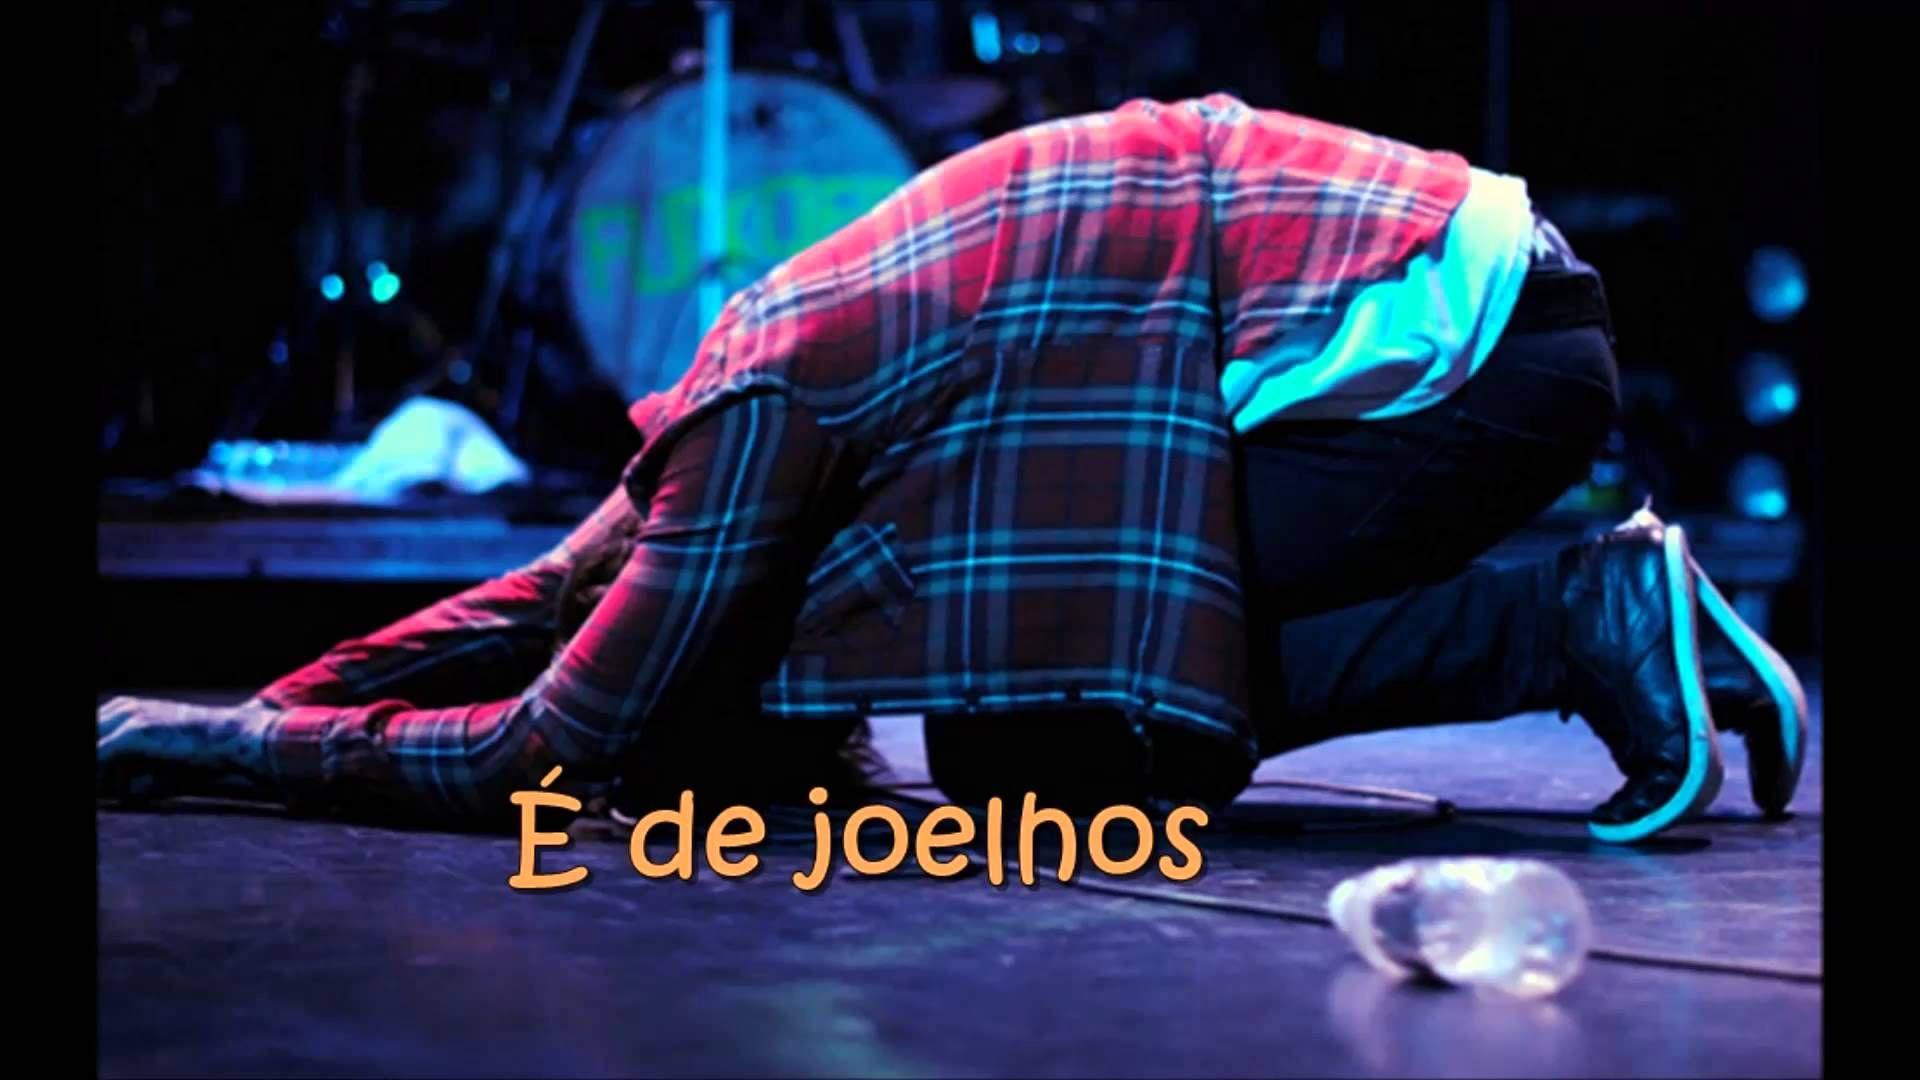 Pin De Alana Caroline Alves De Souza Em Videos Com Imagens Em